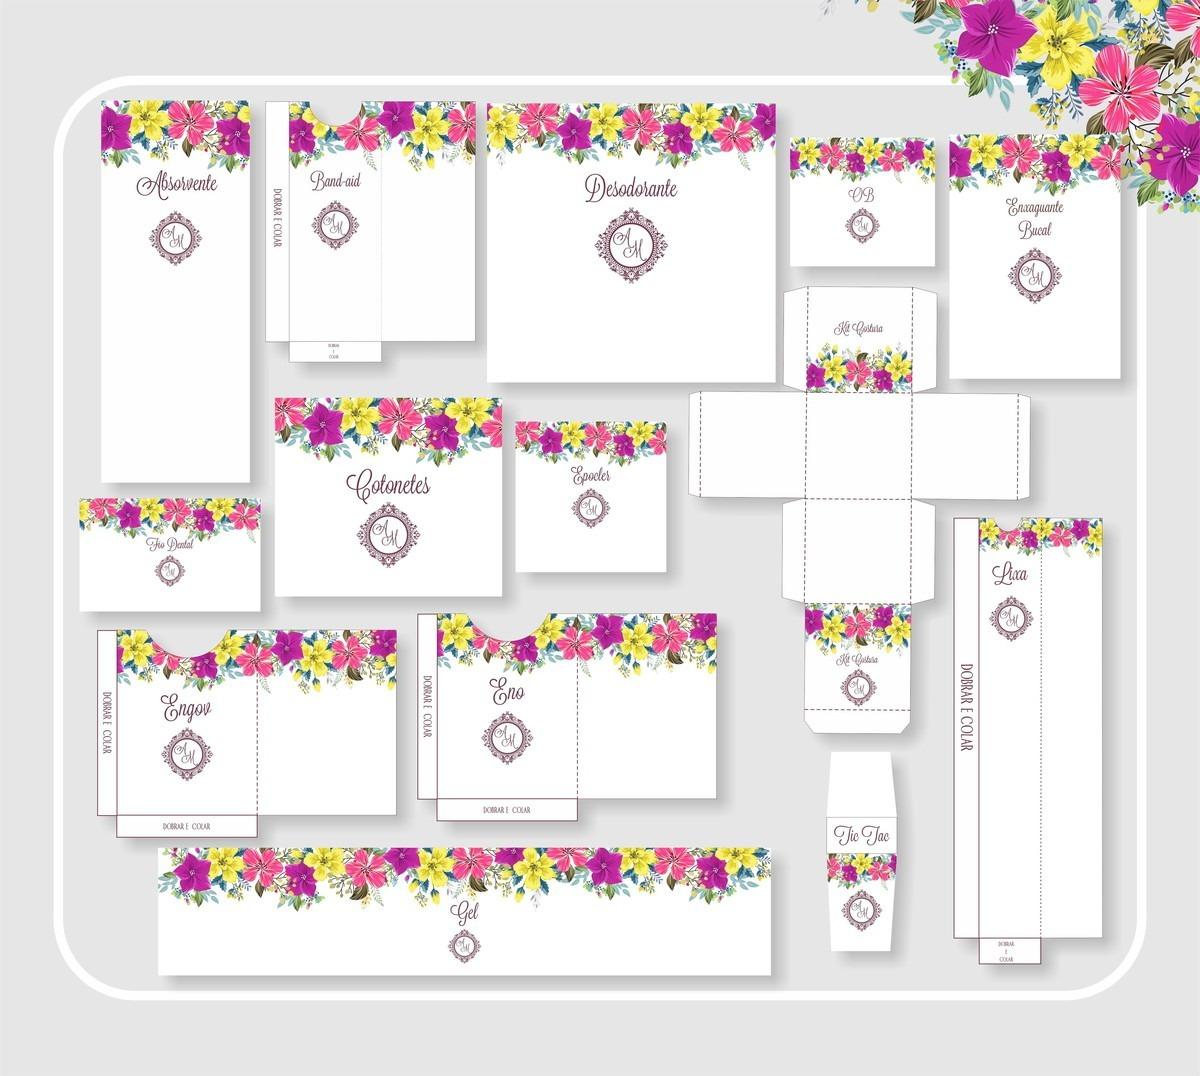 Kit Banheiro Casamento Floral Roxo E Amarelo Arte Digital R